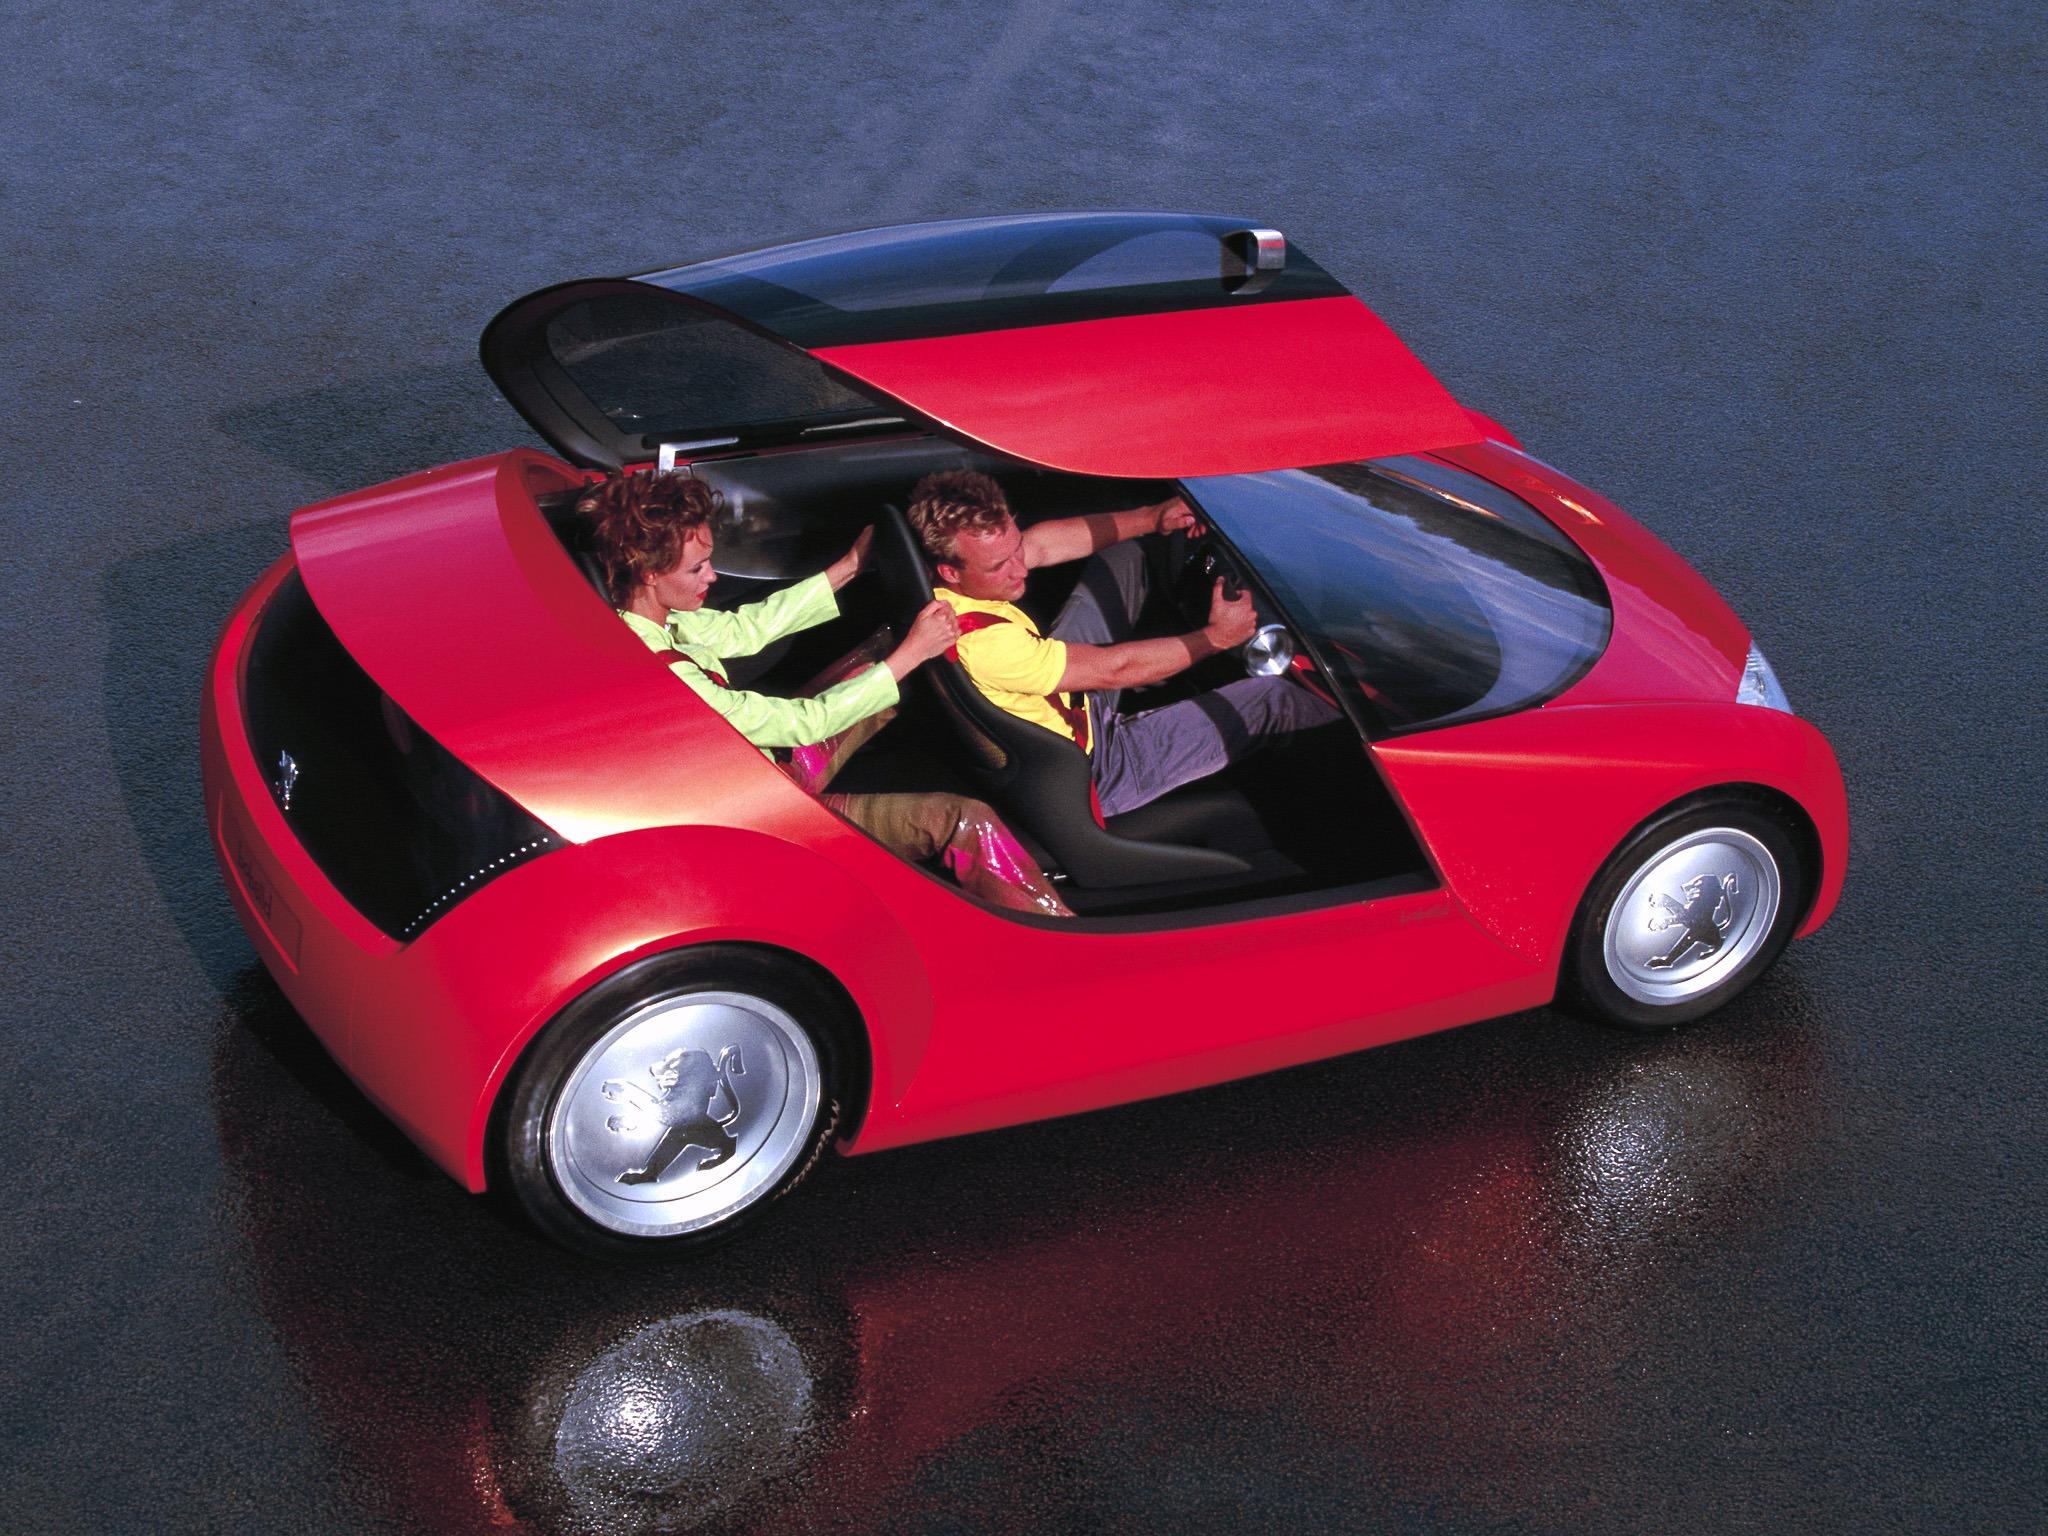 Top 10 Fastest Cars >> Peugeot Bobslid (2000) - Old Concept Cars